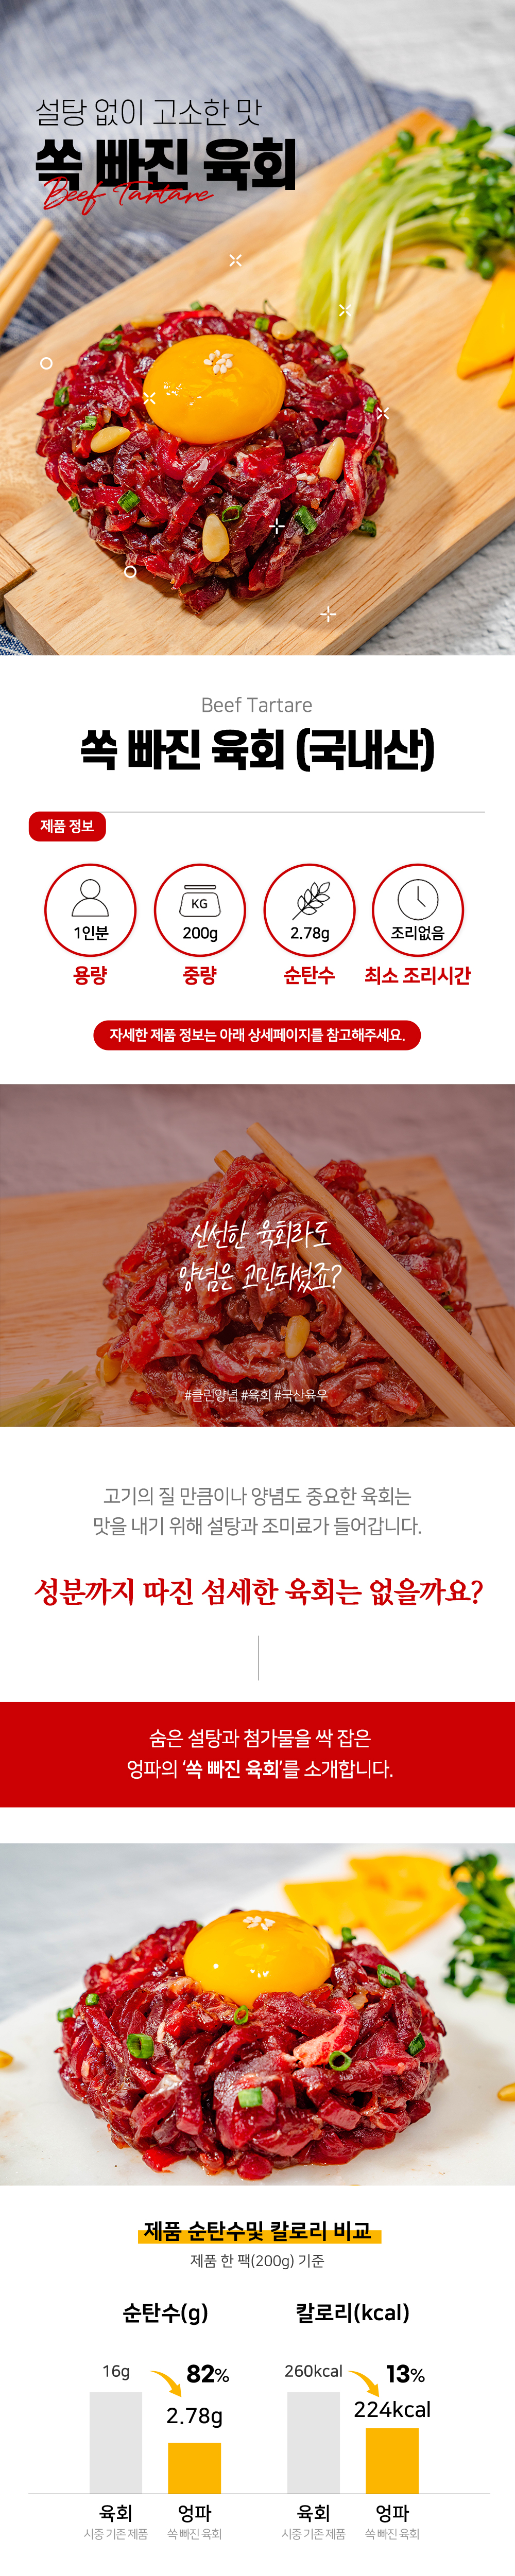 국내산 쏙 빠진 육회1.jpg